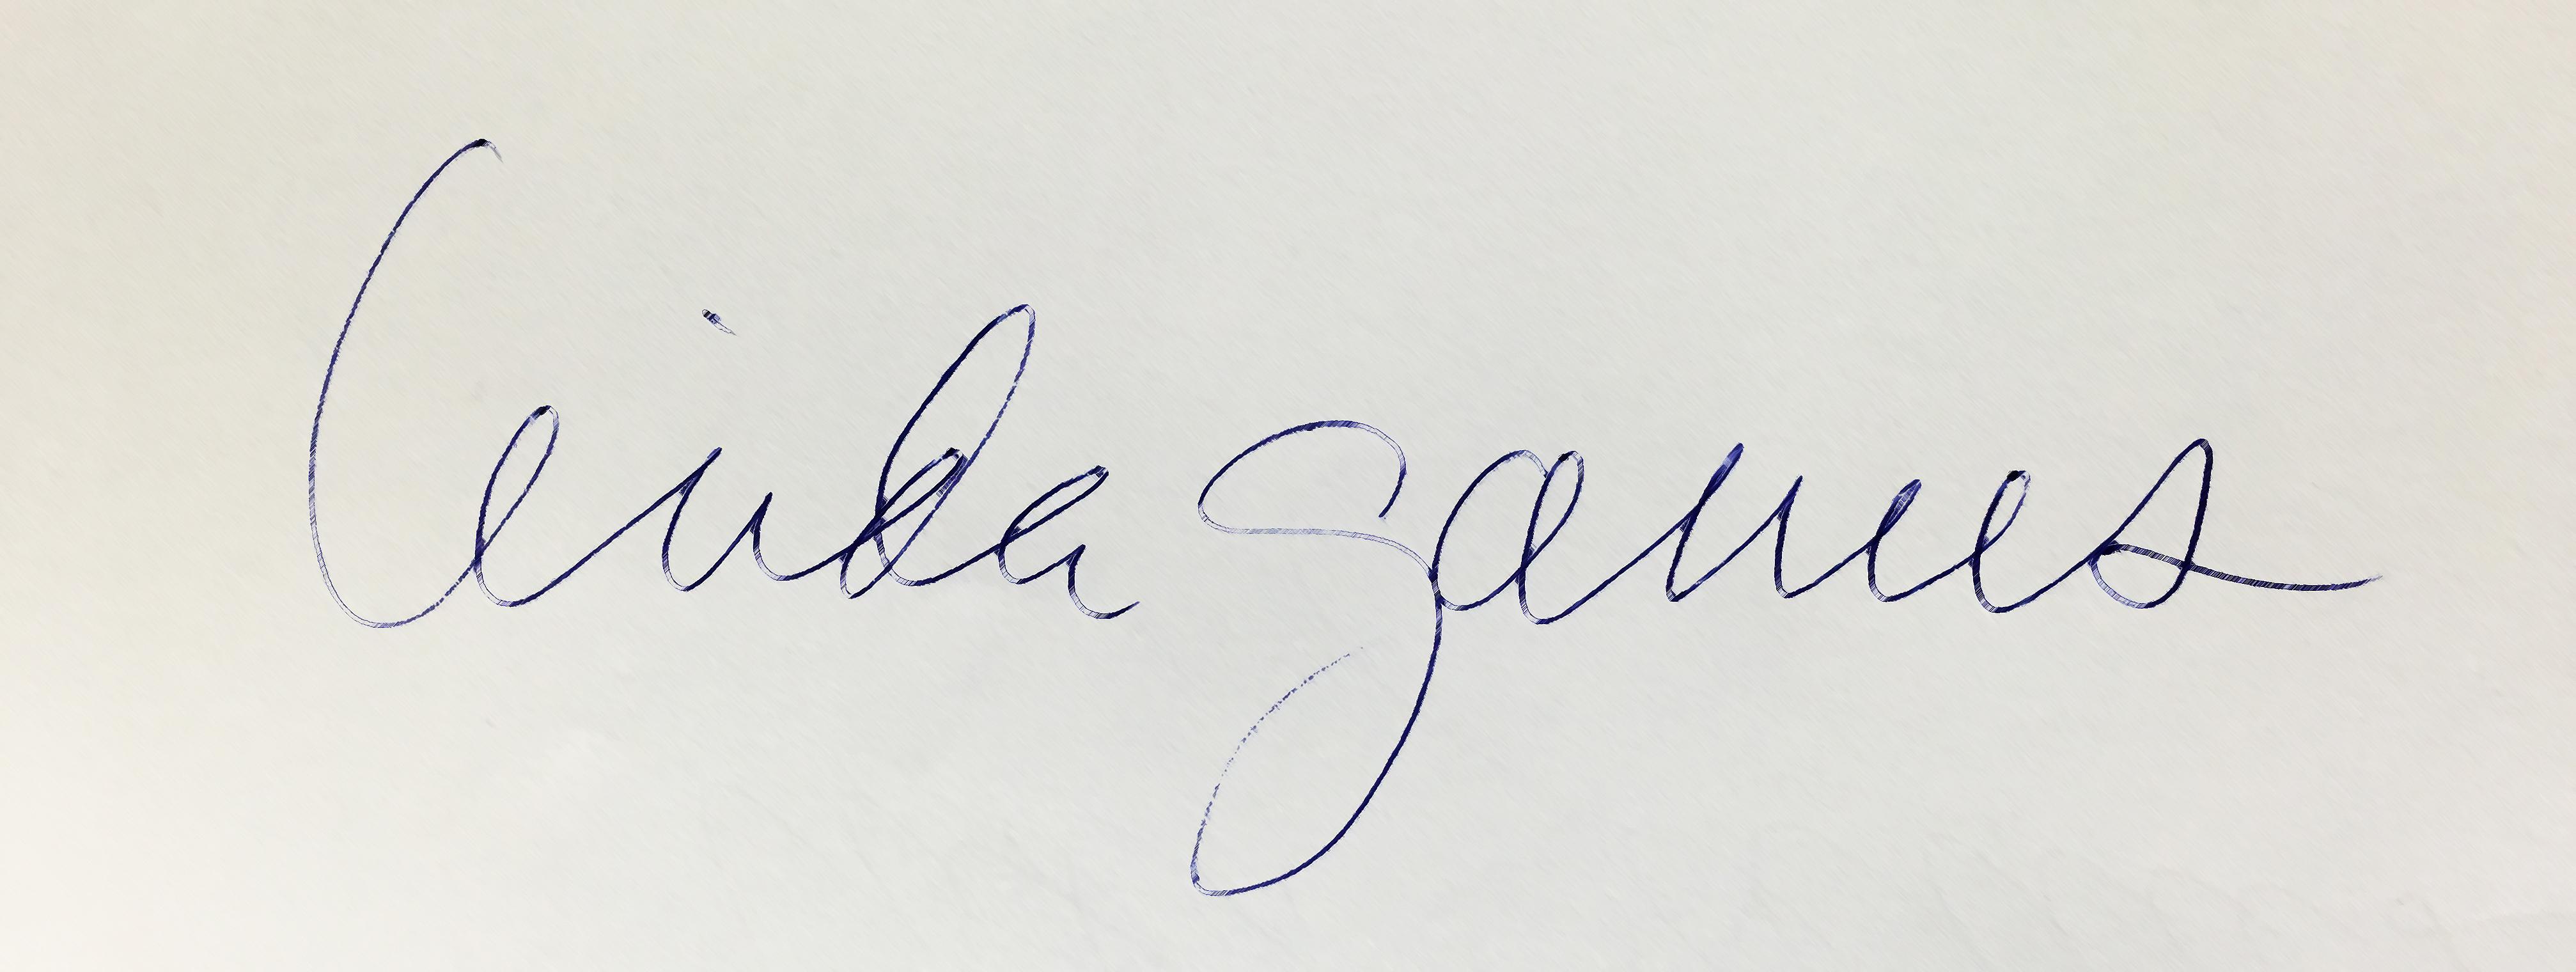 Linda Ganus's Signature